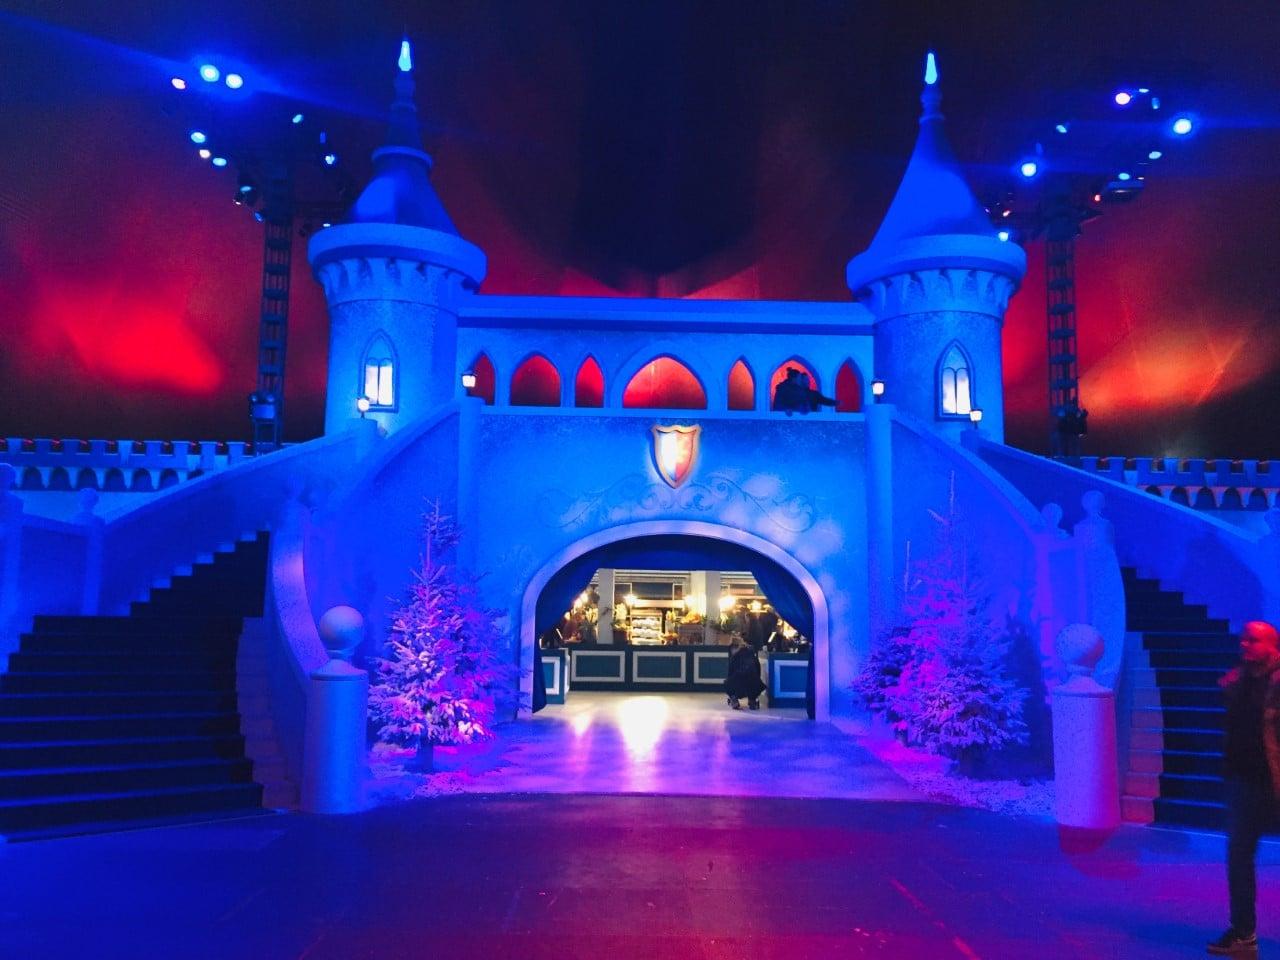 Efteling Ice Palace